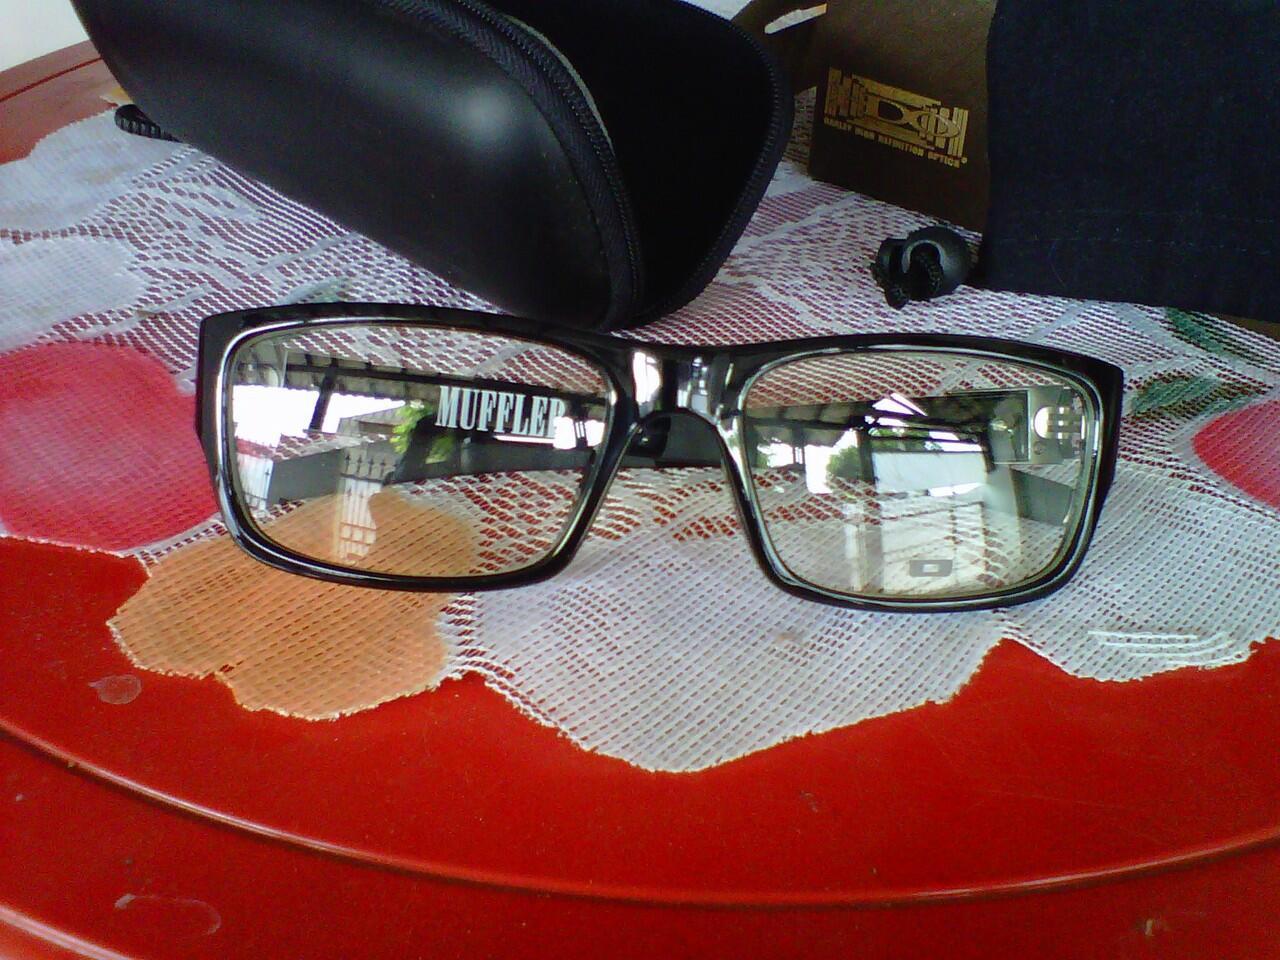 Jual Kacamata Oakley Muffler Jual Kacamata Oakley Muffler b551857336